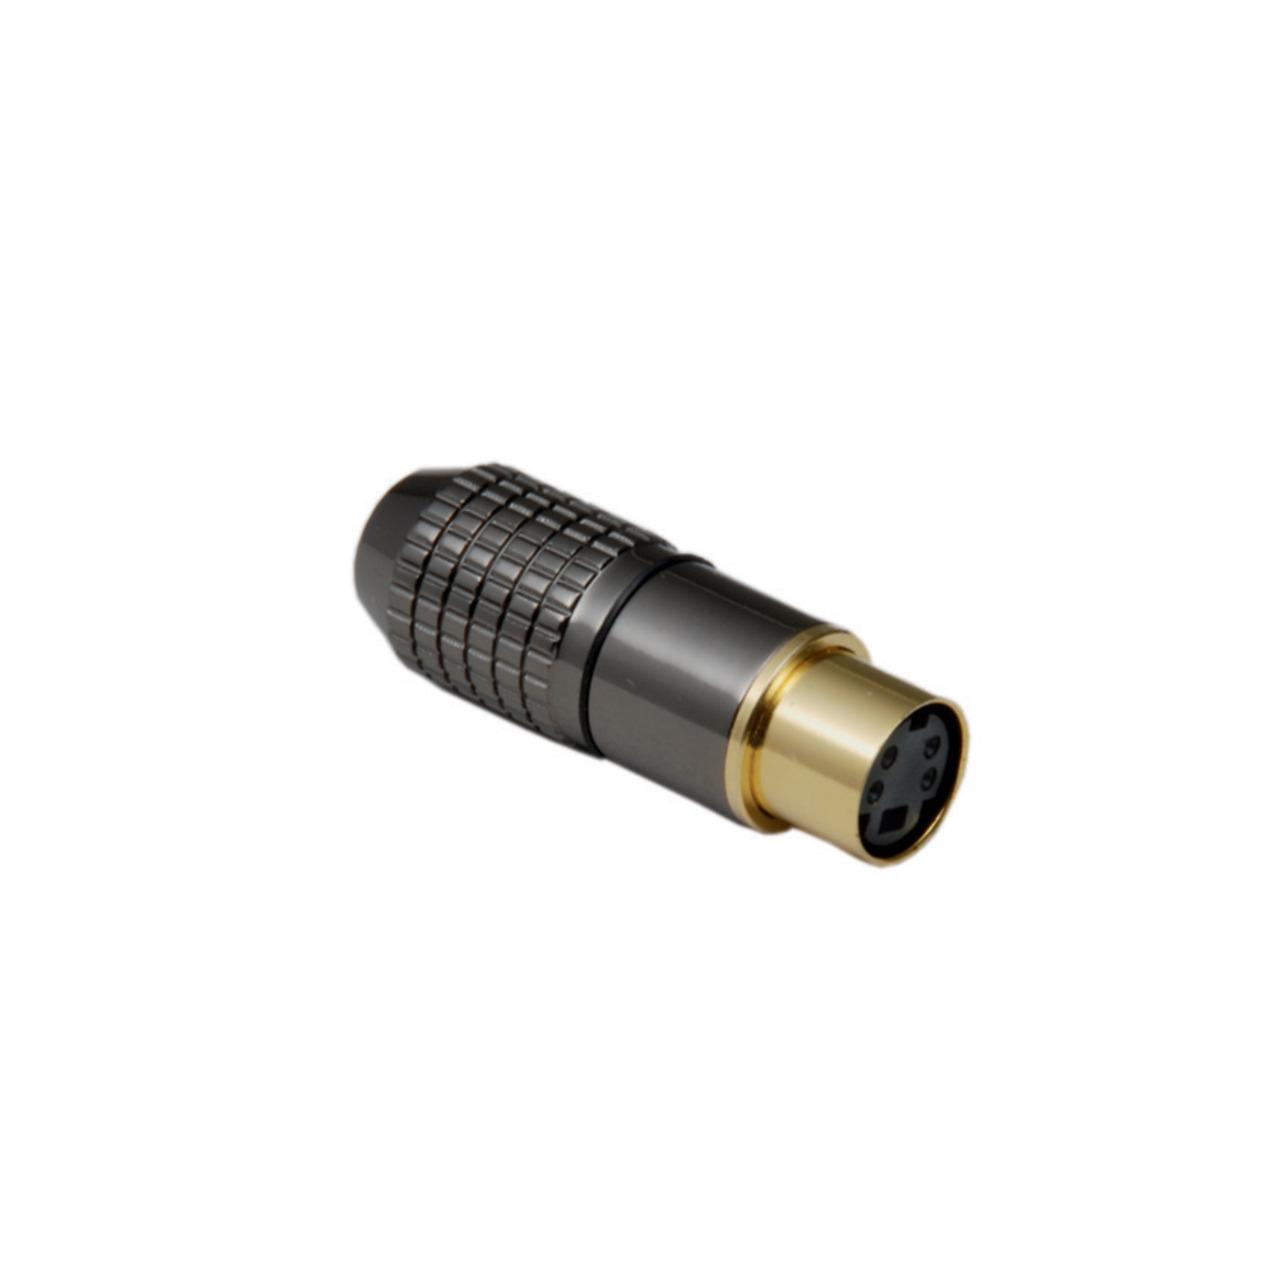 BKL Electronic Mini-DIN-Kupplung 8-pol- hochwertige Metallausf- Anschlüsse und Kontakte vergoldet